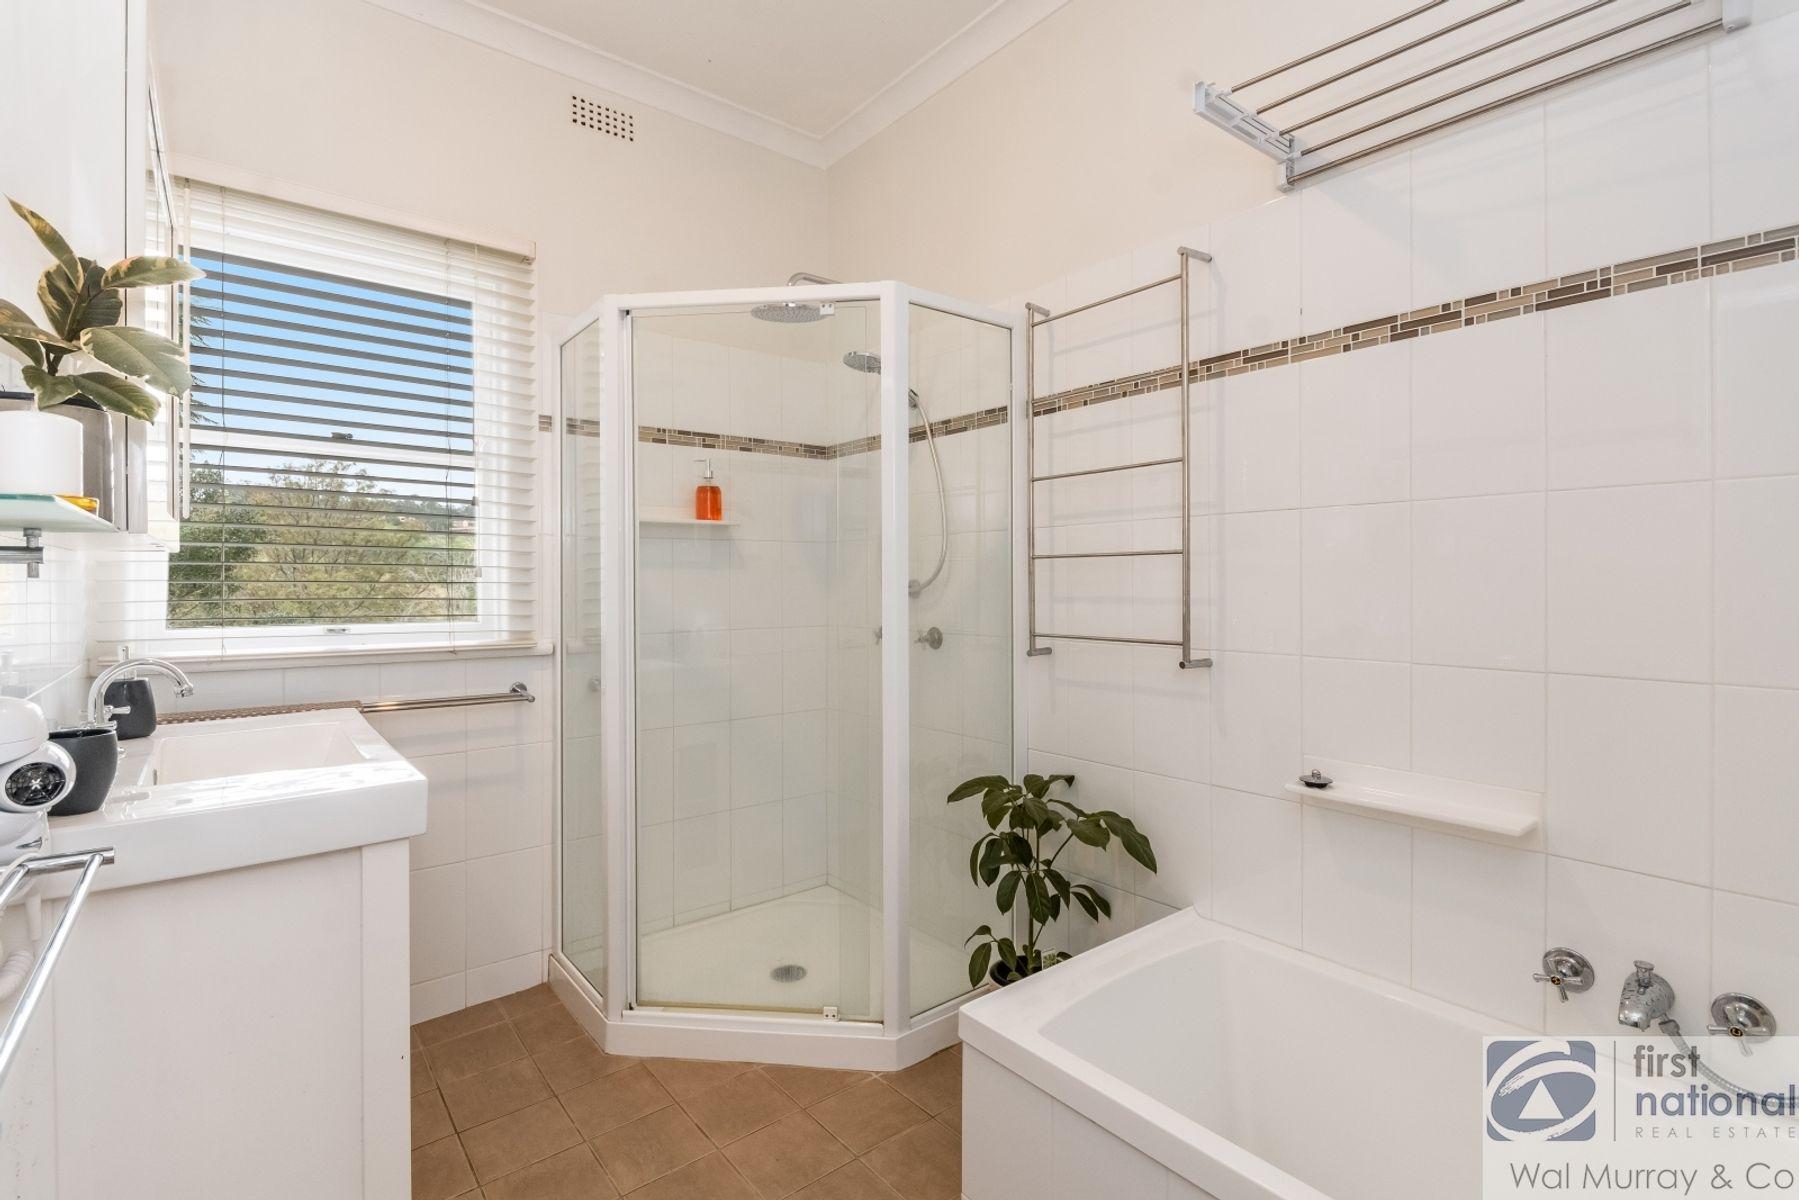 15 - 17 Robinson Avenue, Girards Hill, NSW 2480